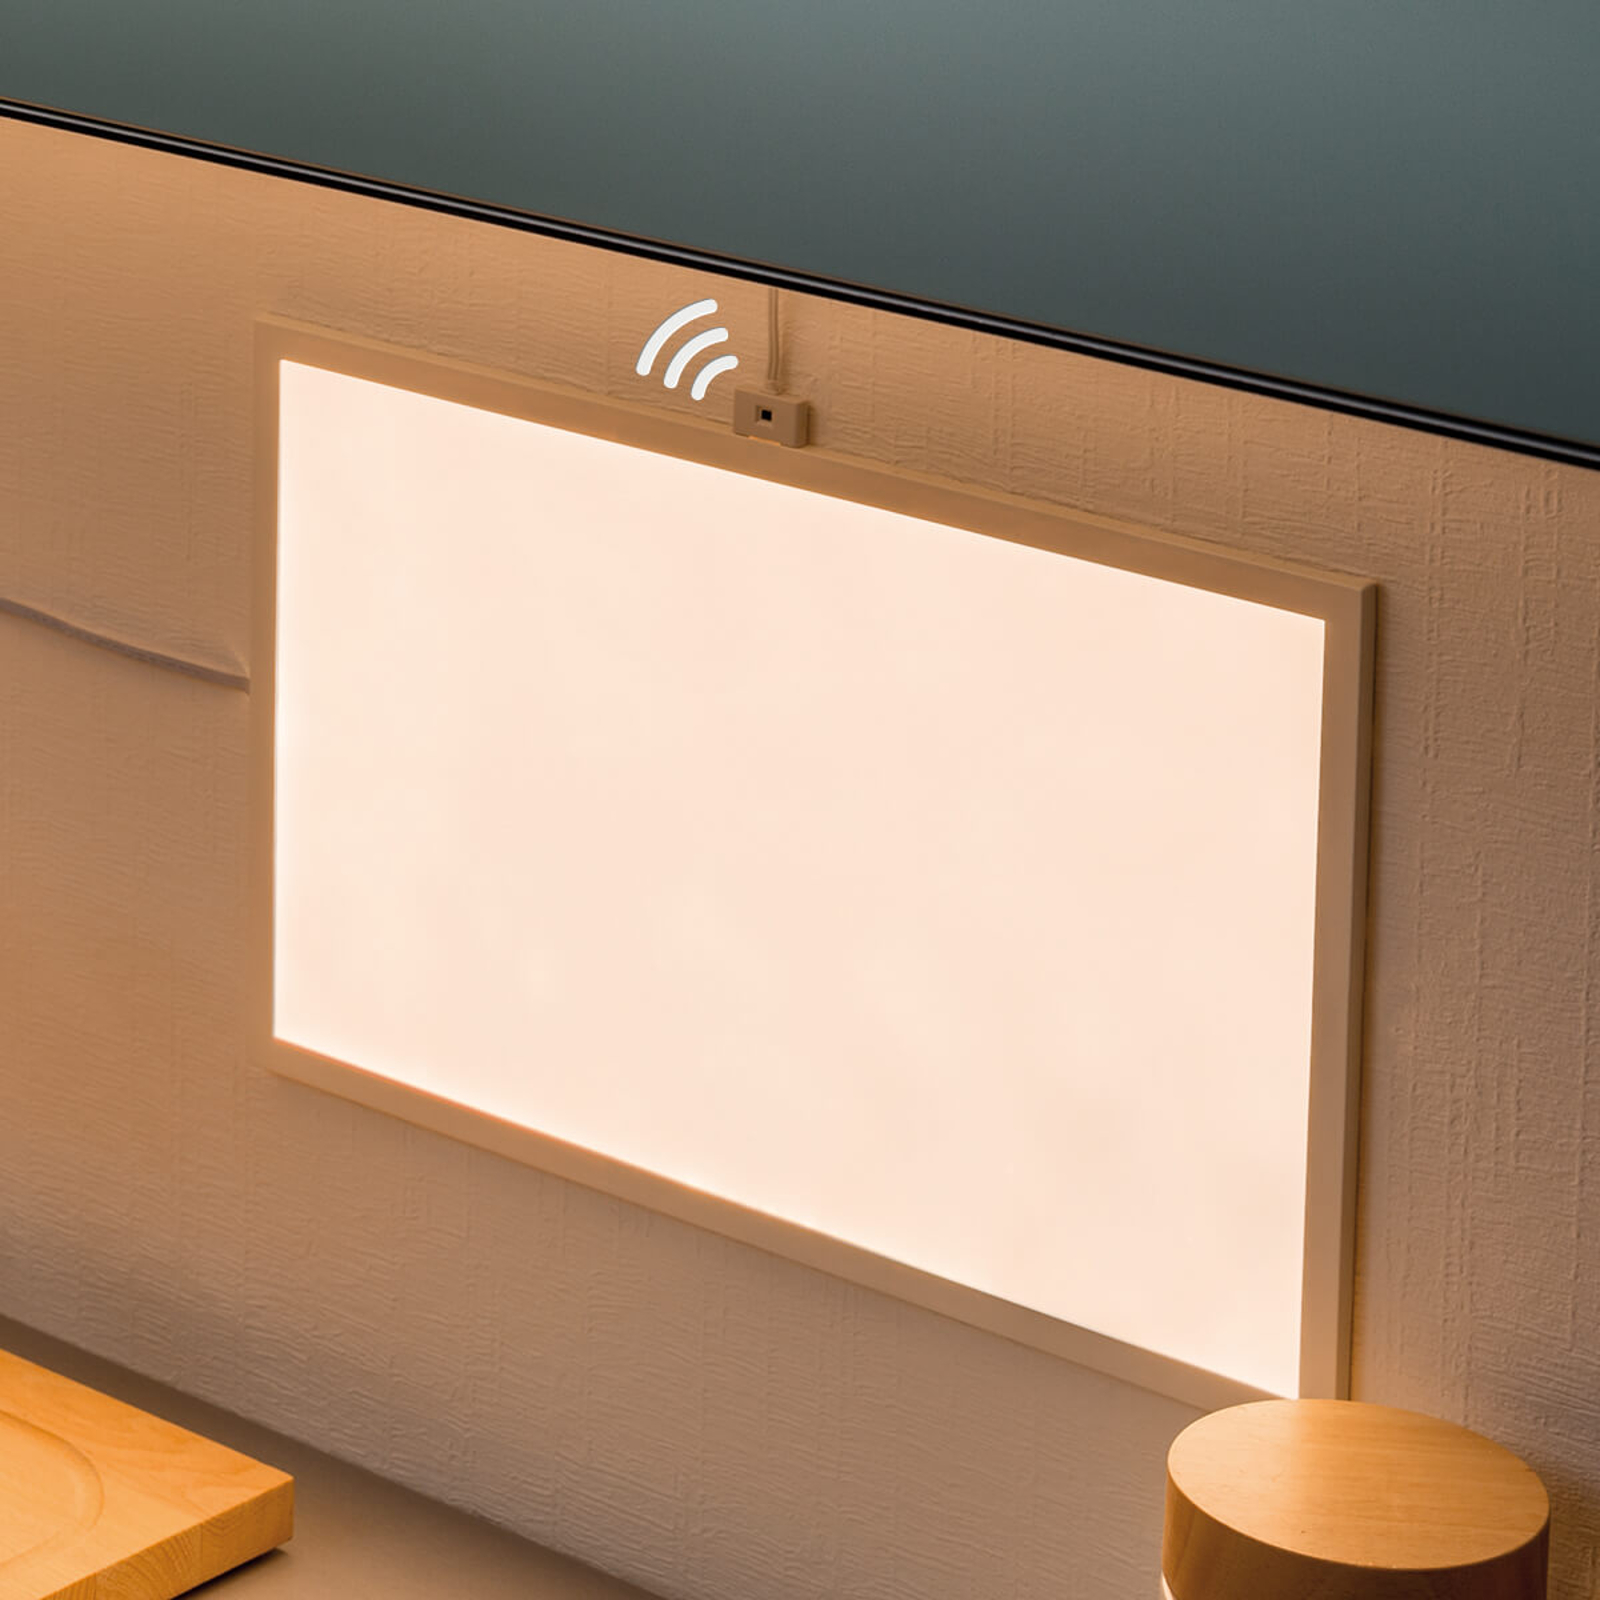 Acquista Pannello LED Glow con sensore di gesti - set base